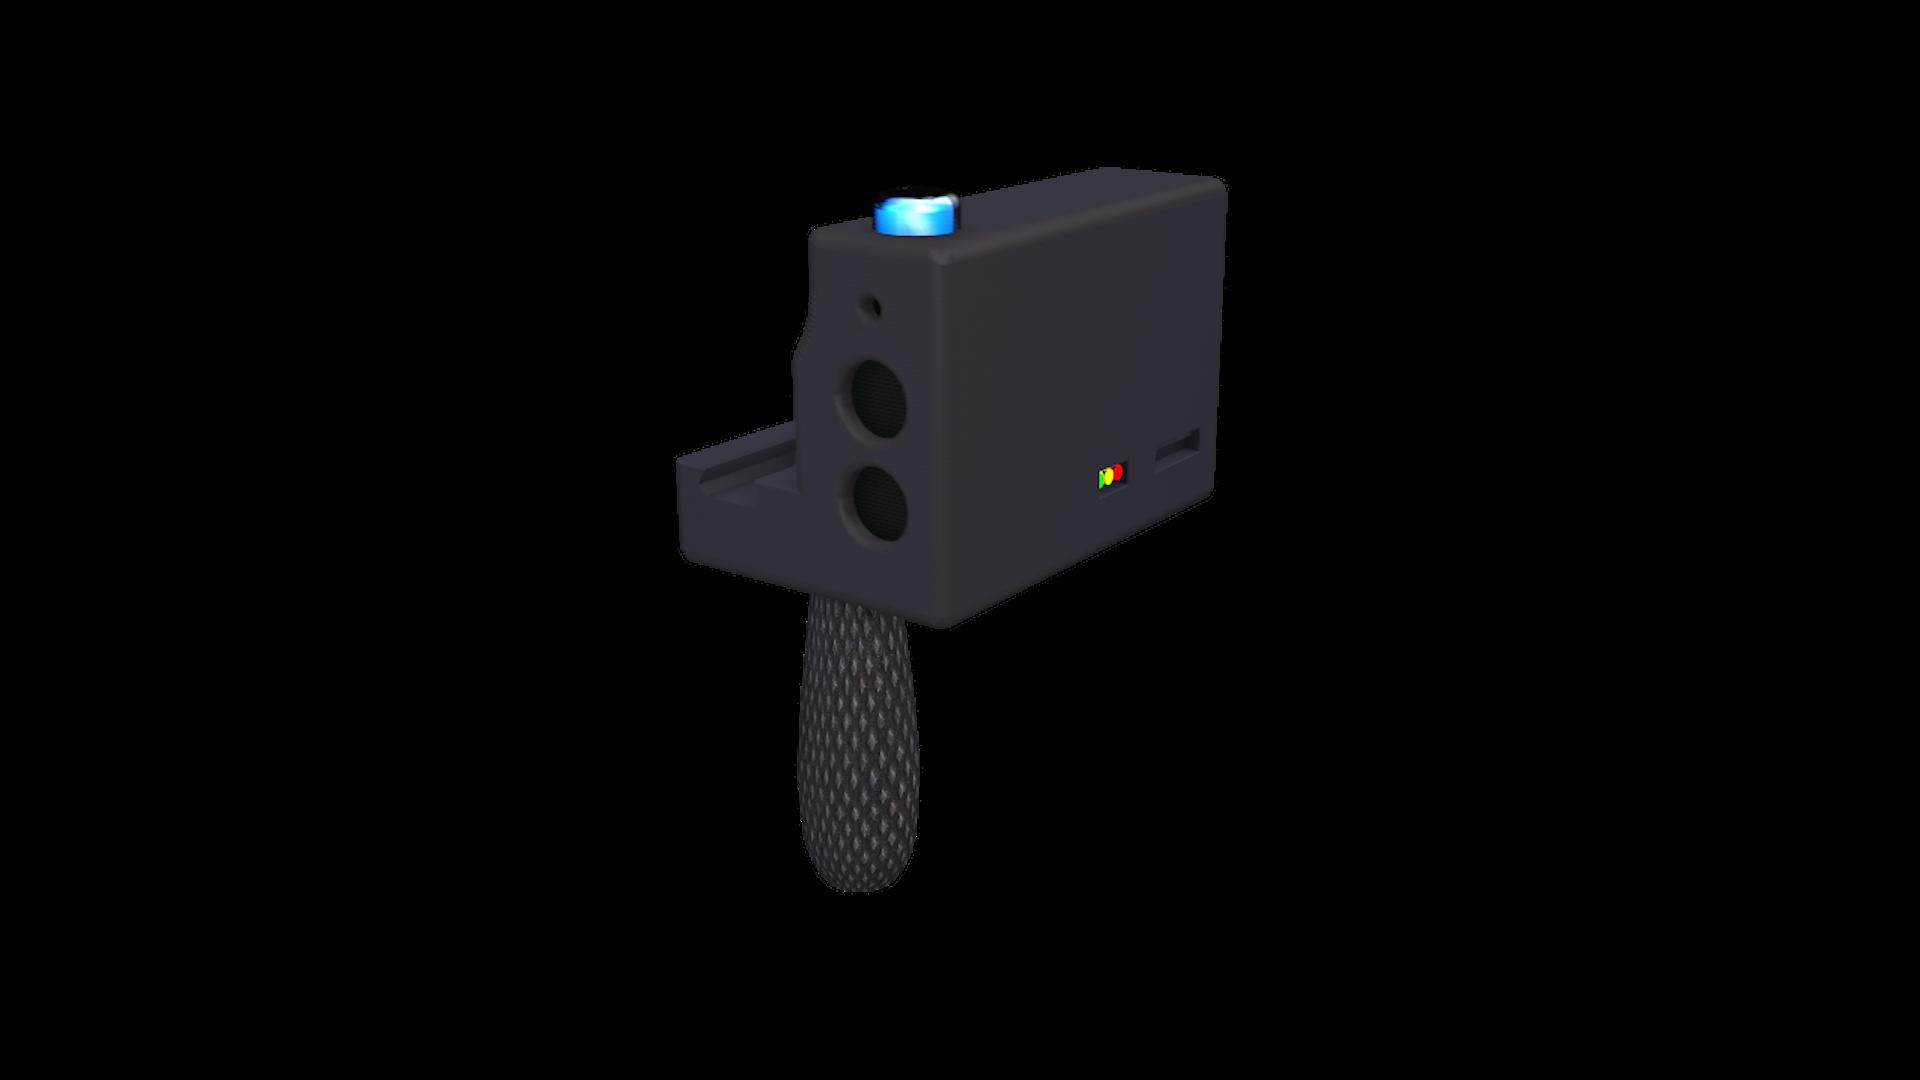 Skor - dispositif d'aide à la visée